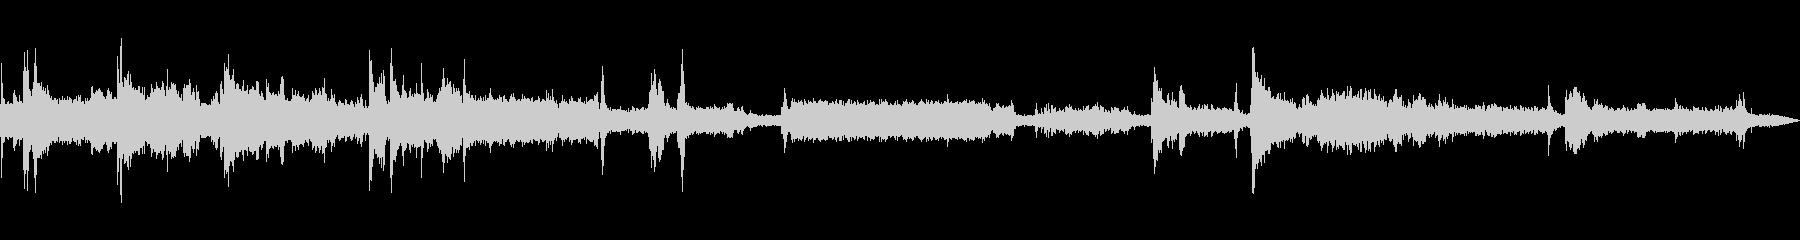 ワークショップ、メタル、オーバーヘ...の未再生の波形